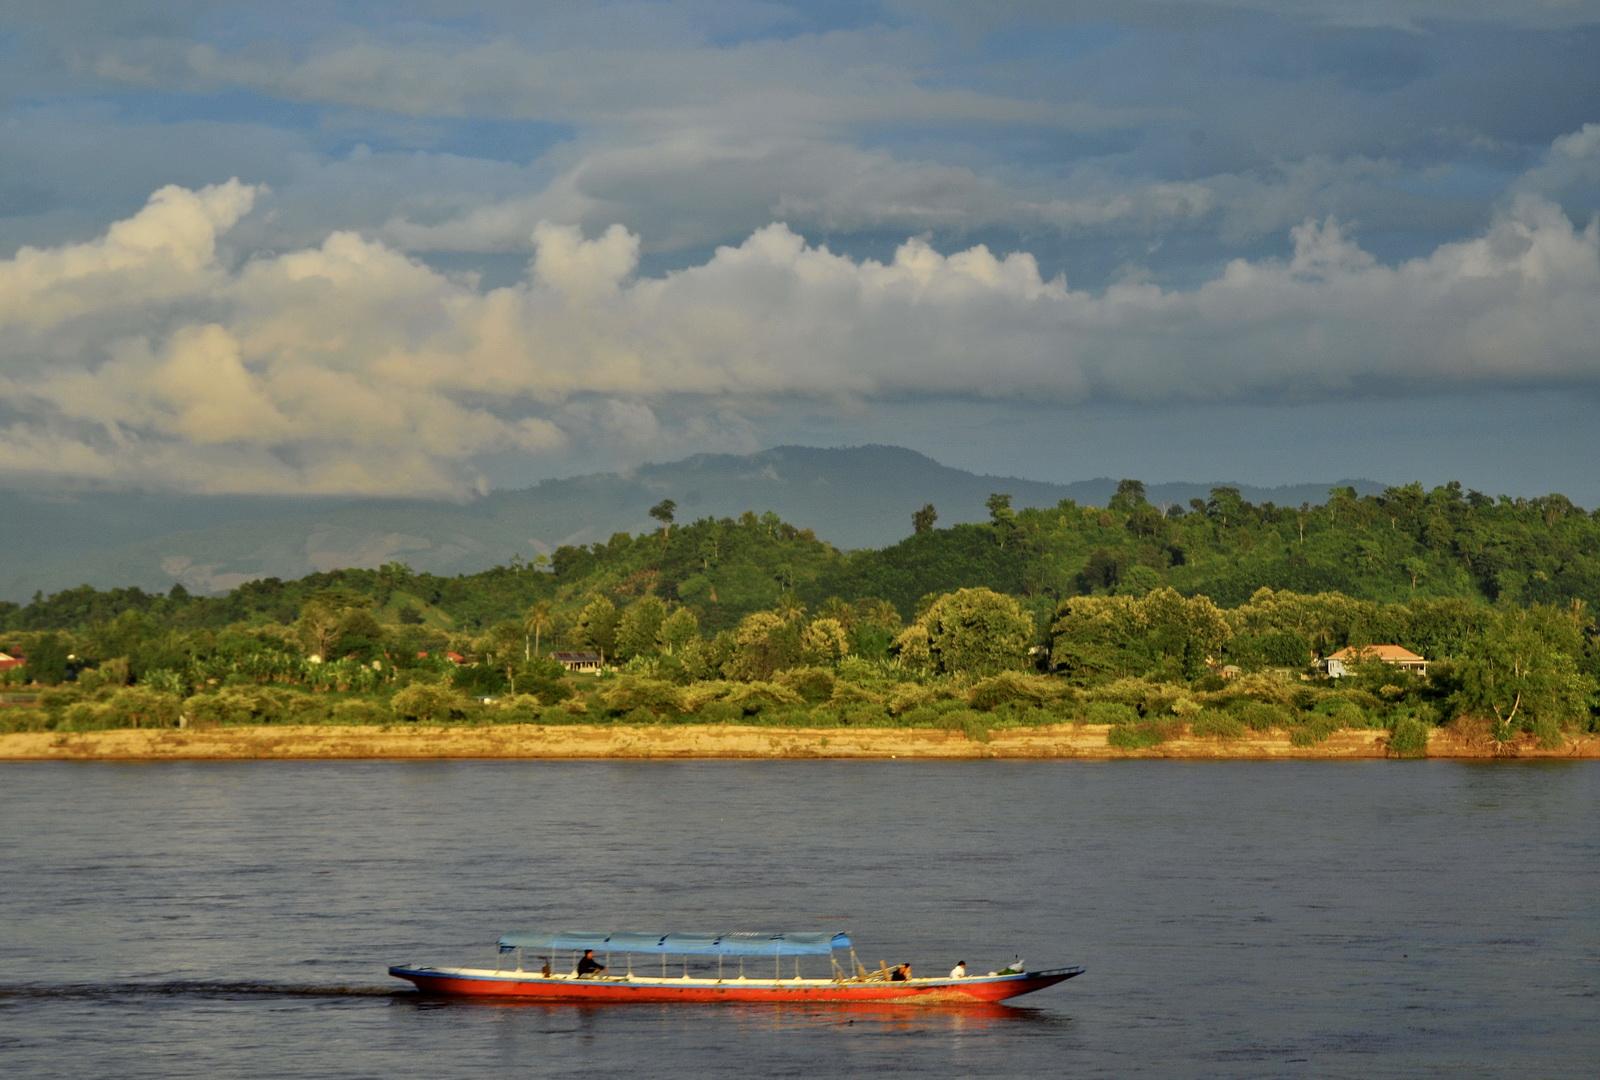 Thailand, the Mekong at Chiang Saen